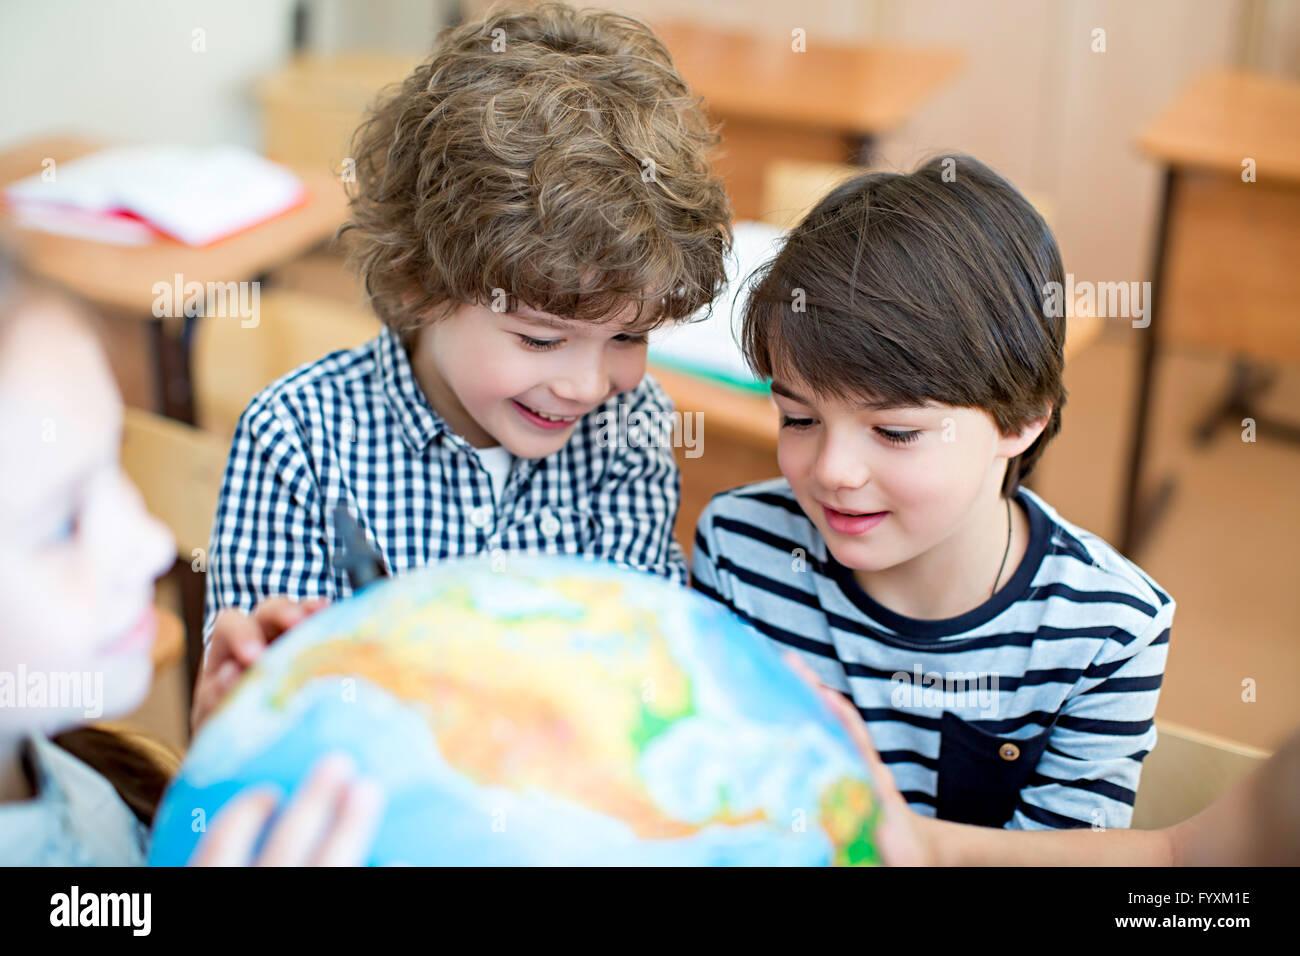 Schoolboys - Stock Image